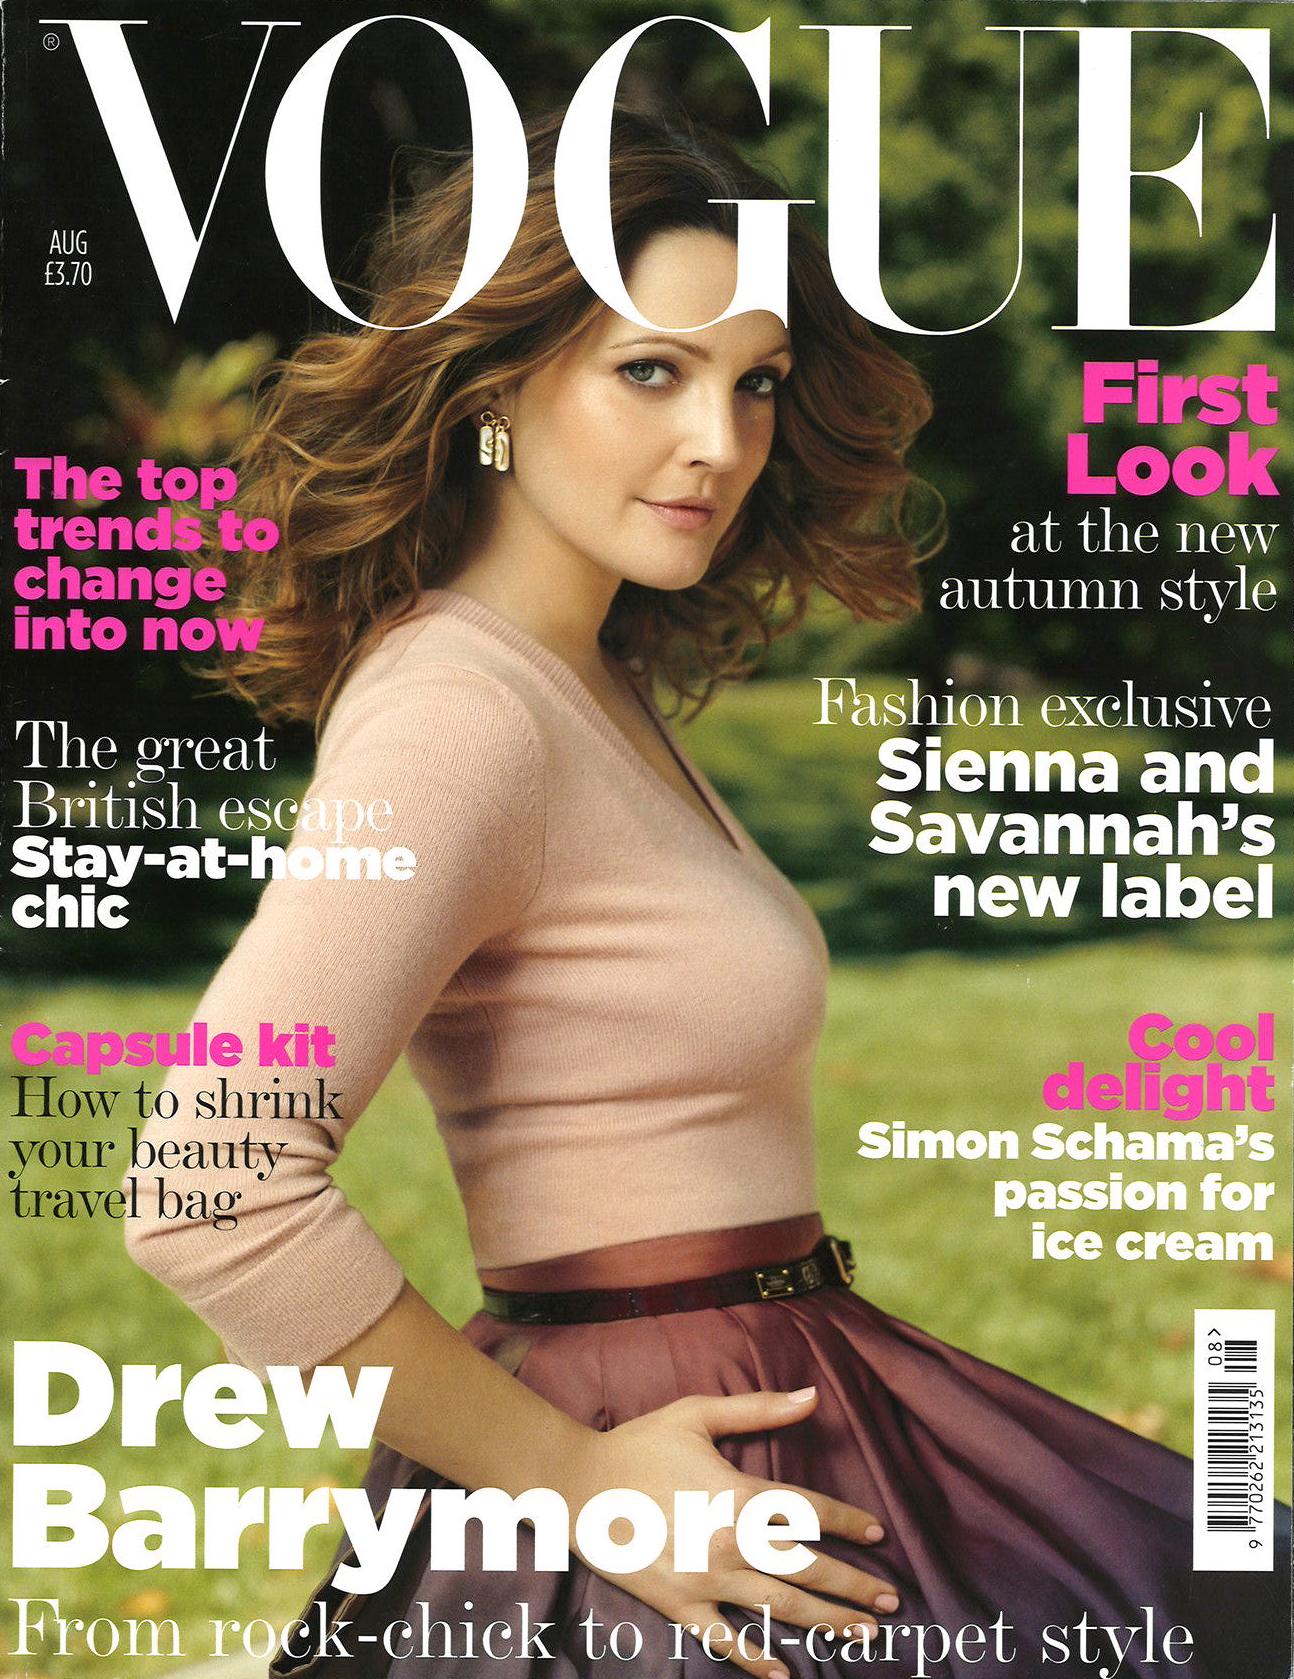 Vogue - August 2007